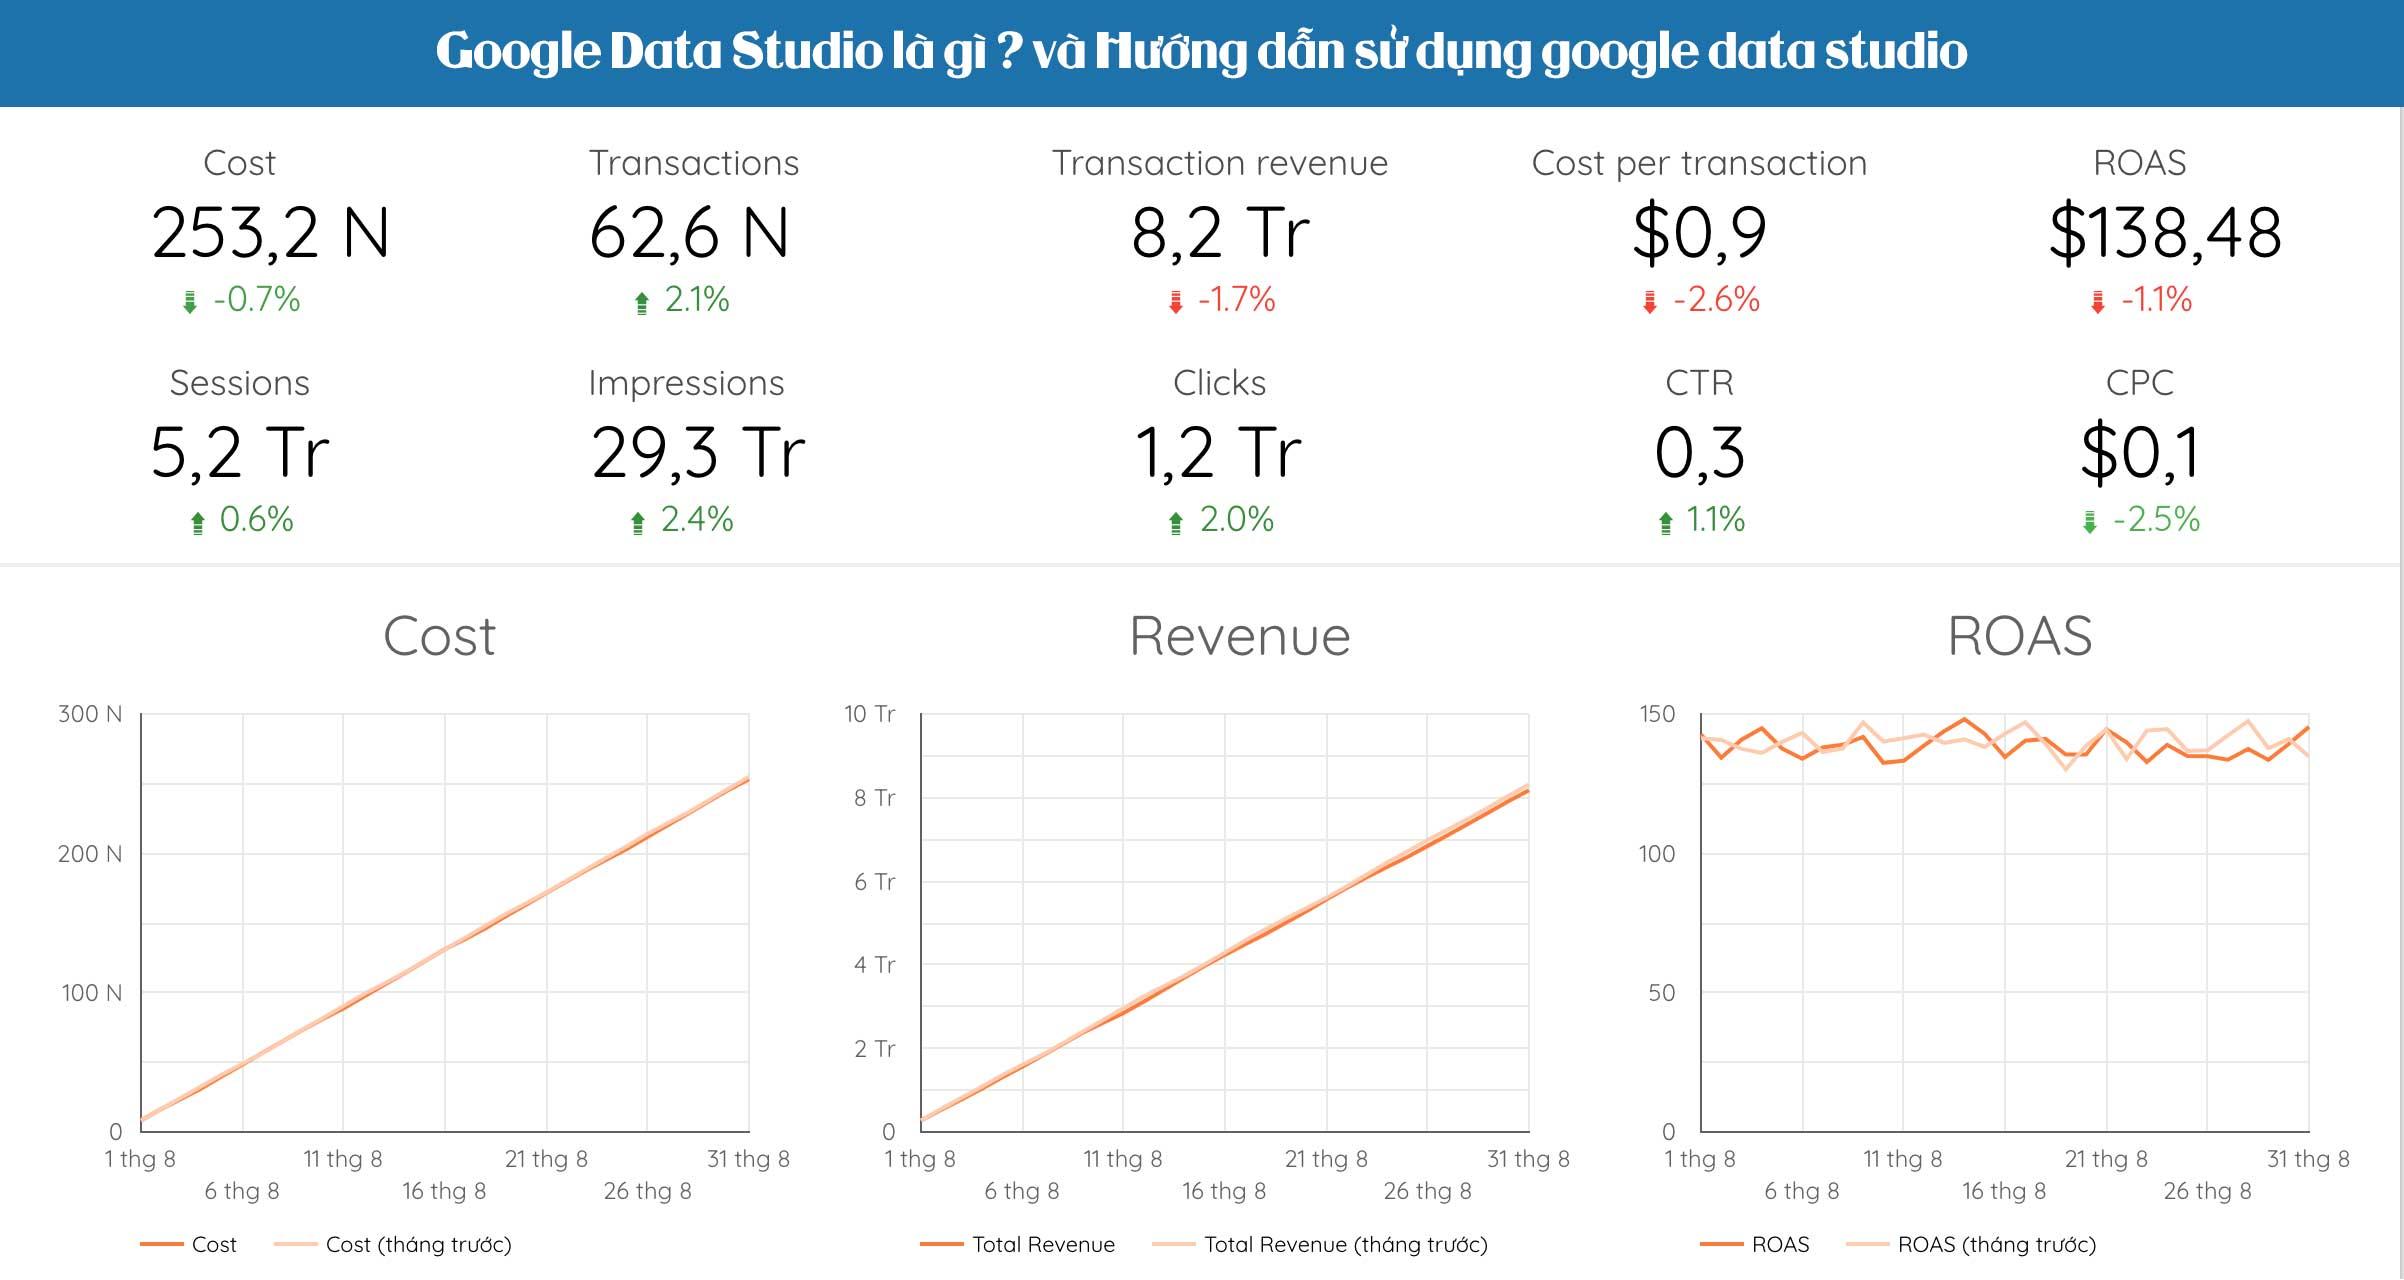 Hướng dẫn sử dụng Google Data Studio 1